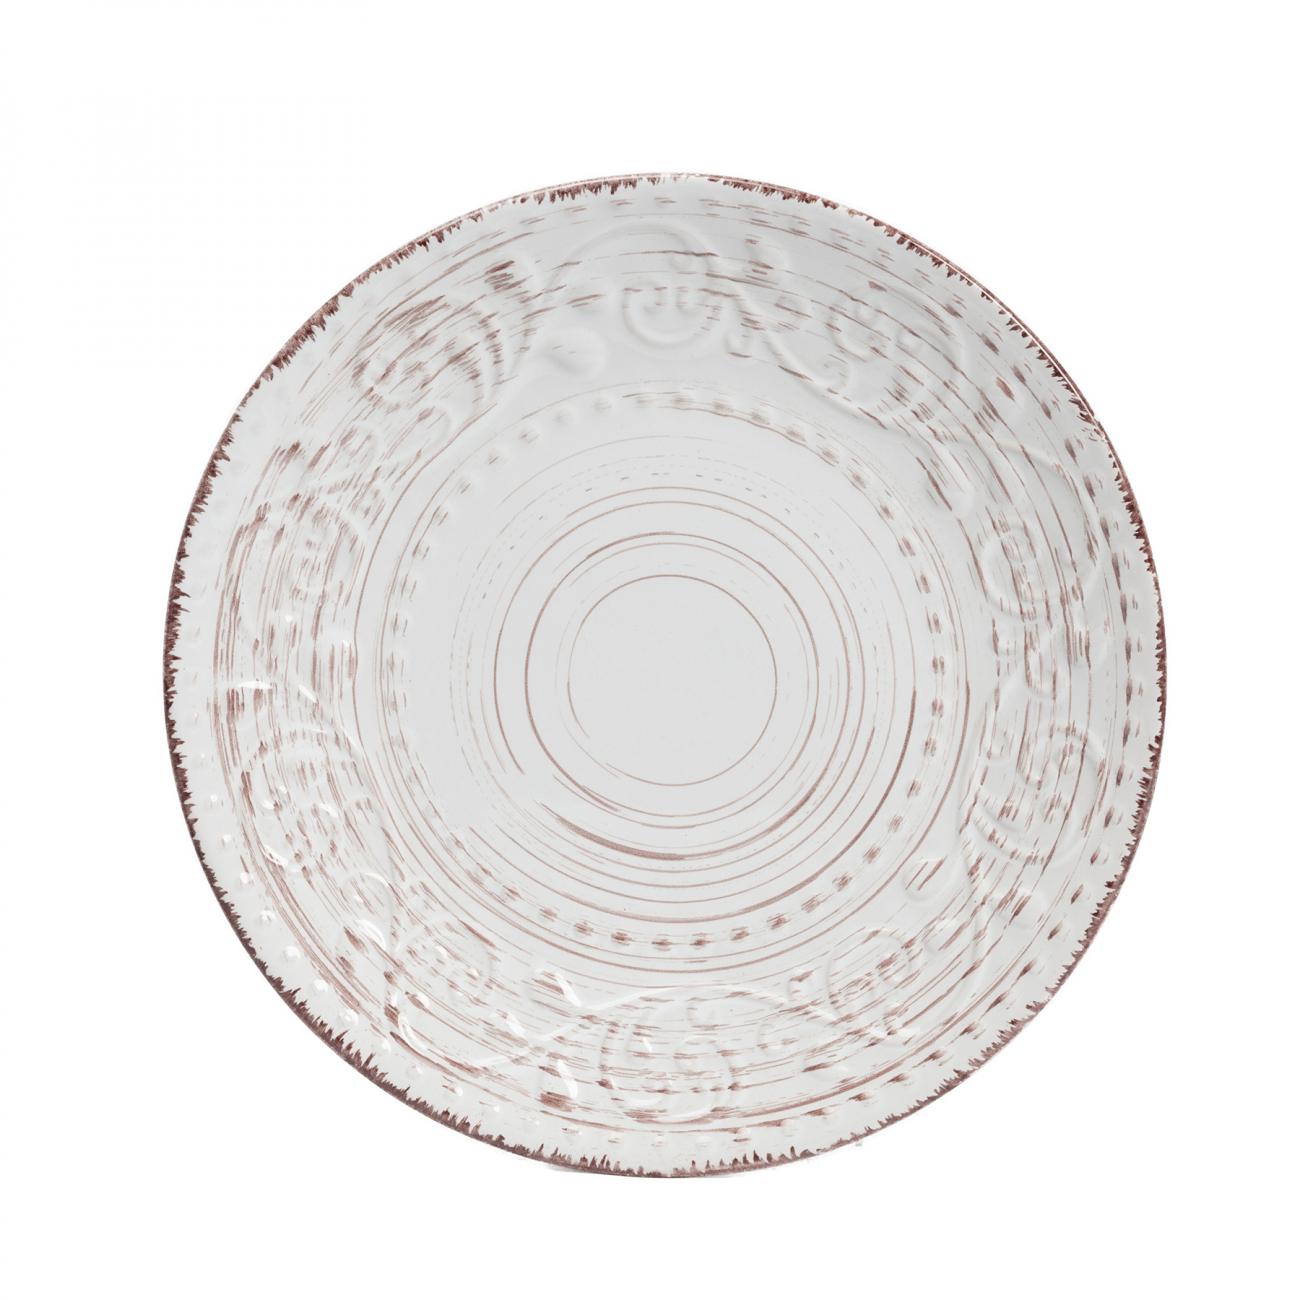 Купить Тарелка La Cebra Маленьая Кремовая в интернет магазине дизайнерской мебели и аксессуаров для дома и дачи